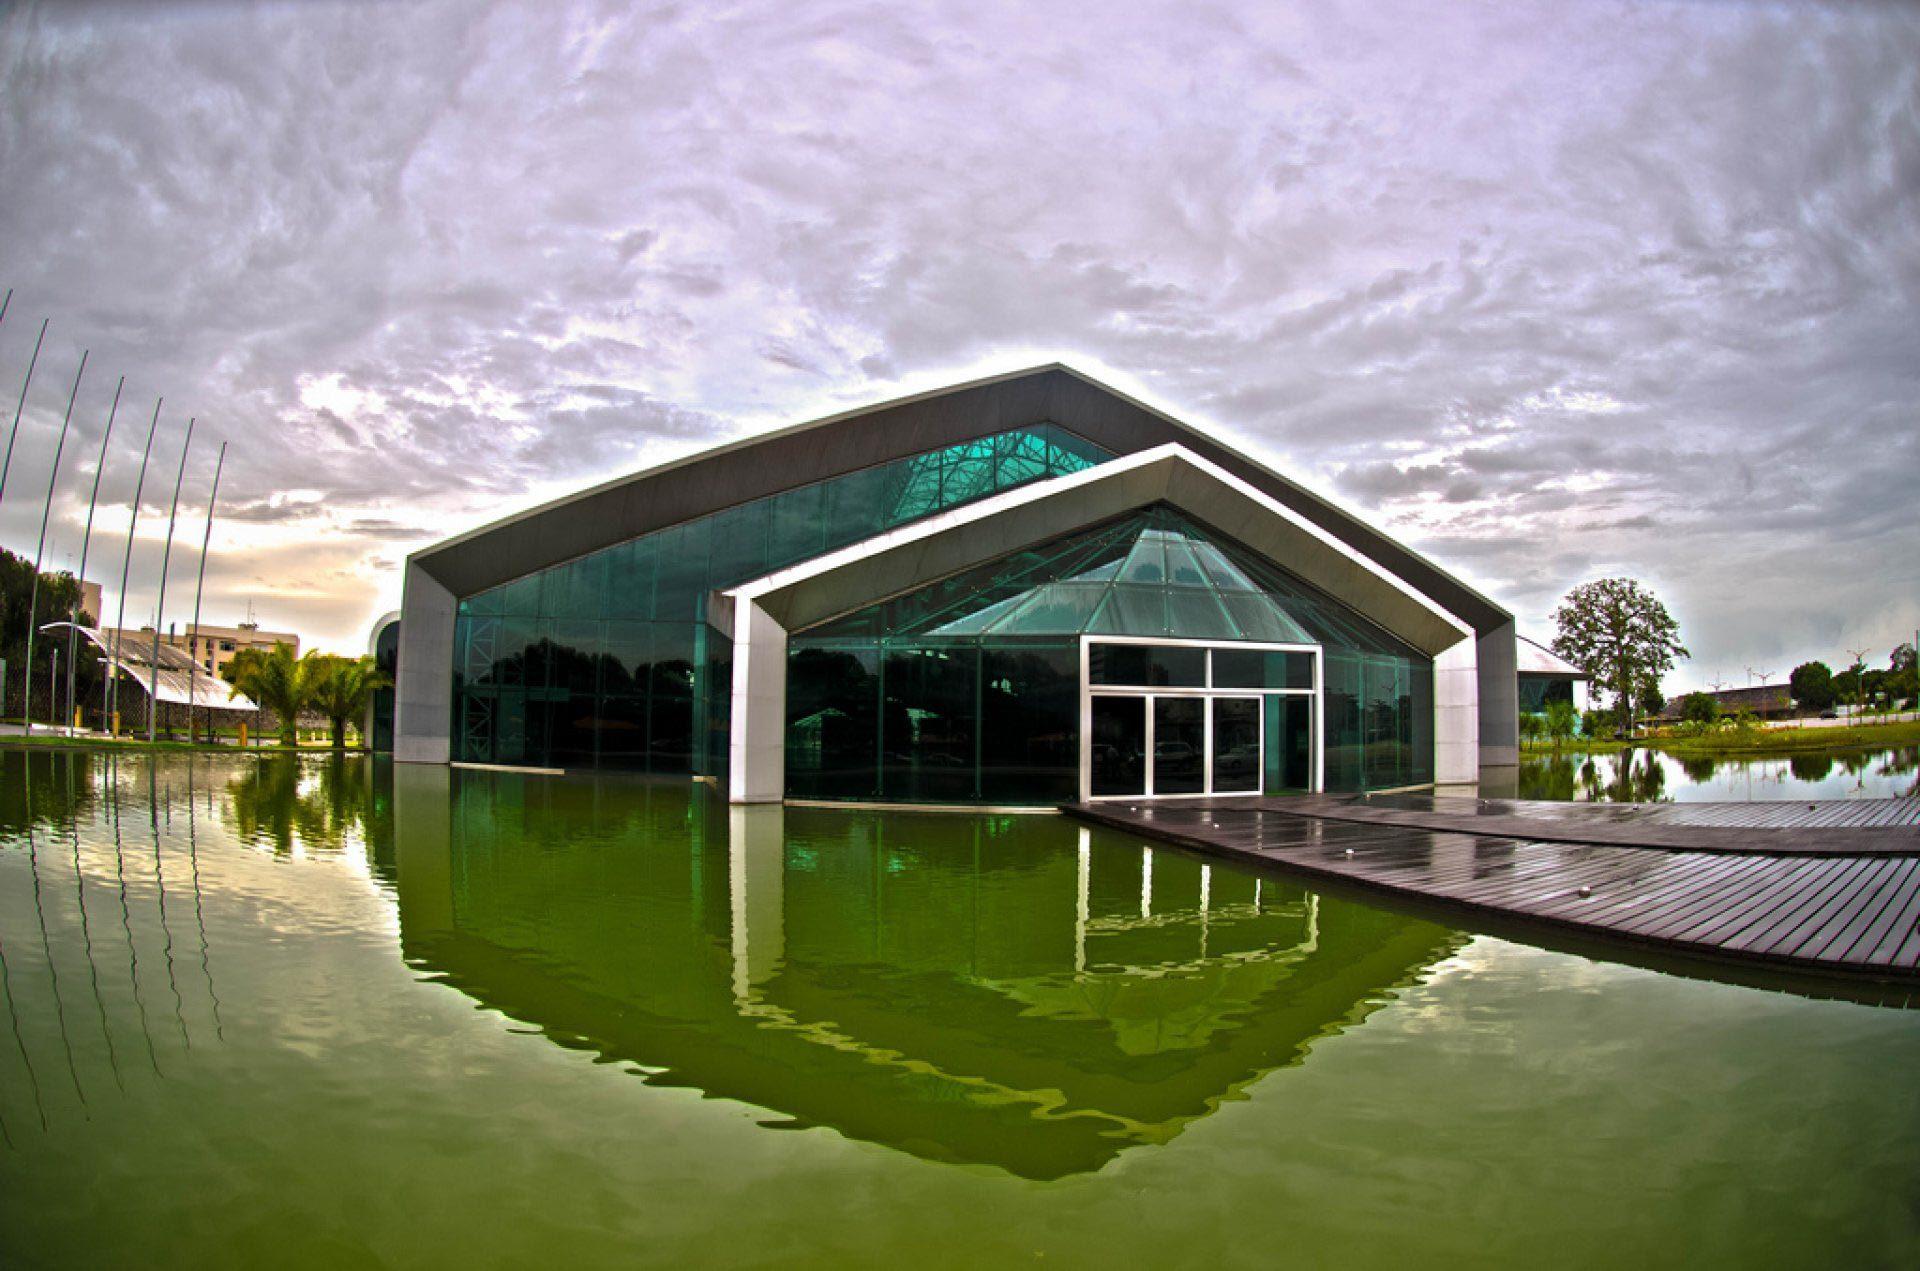 Hangar - Centro de convenções - Belém do Pará